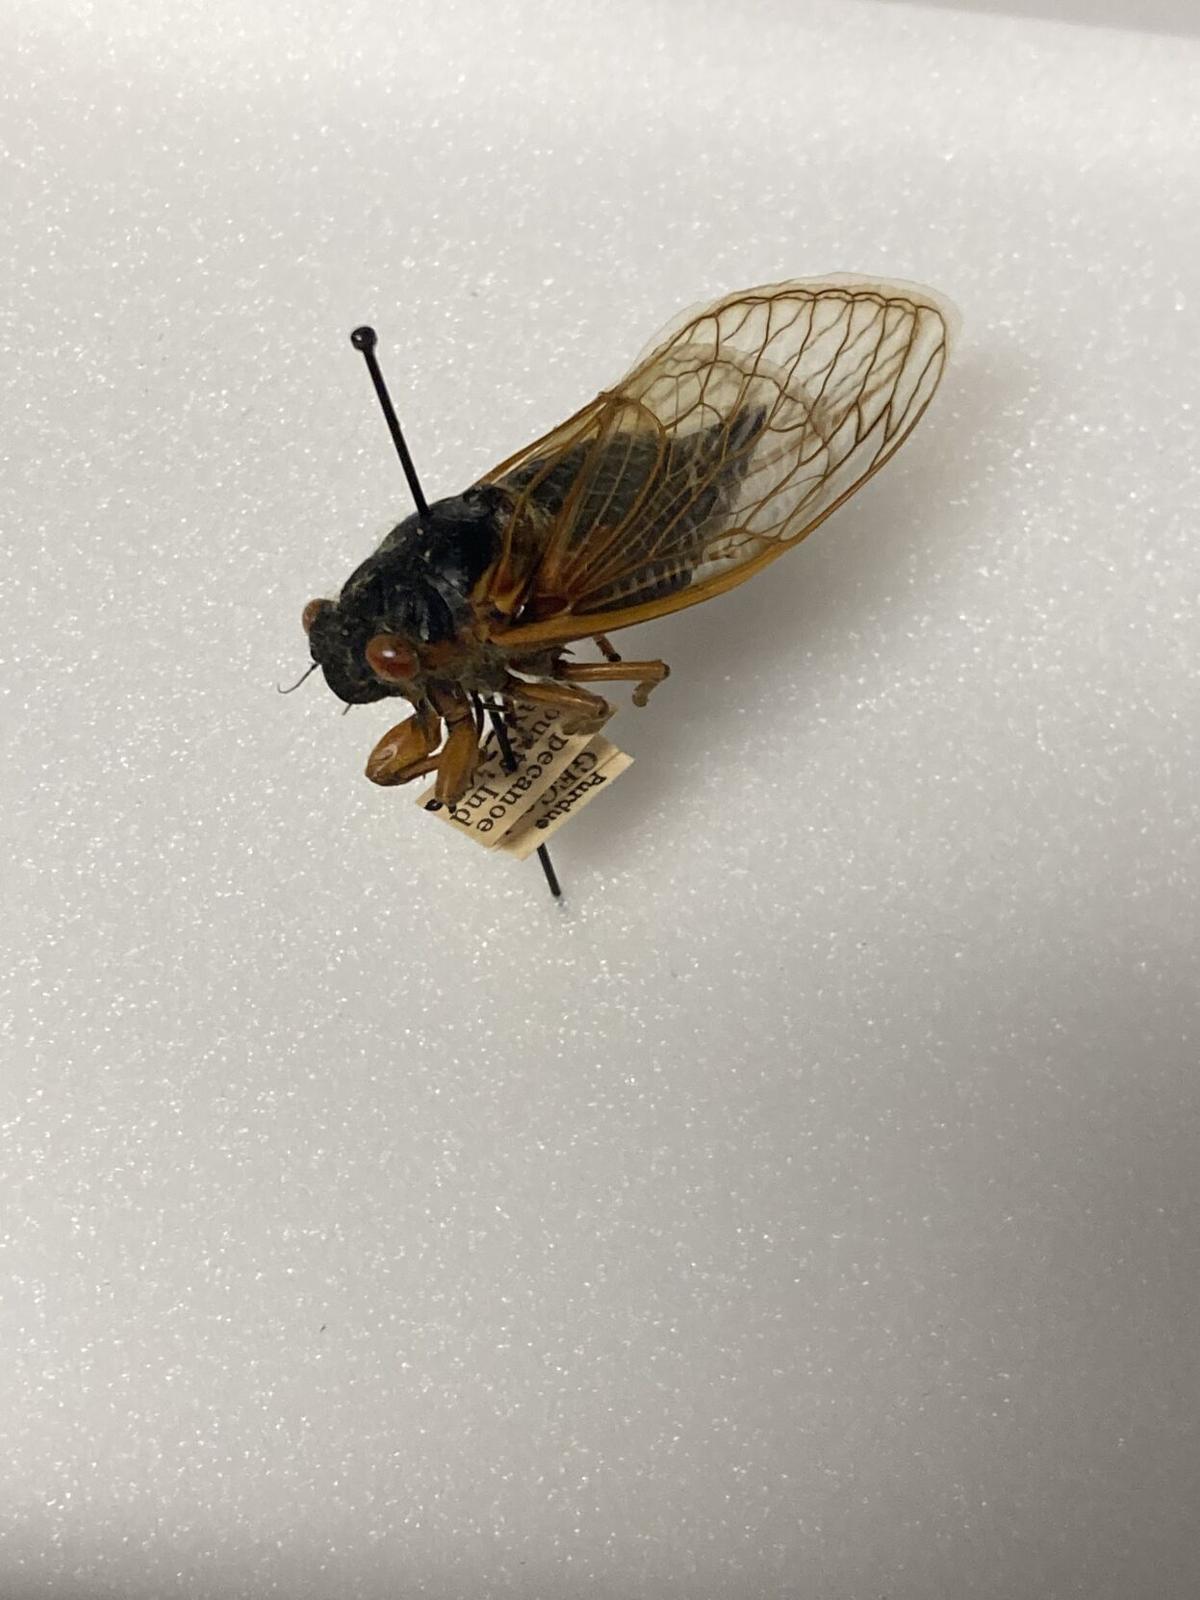 6/2/21 Brood X cicada